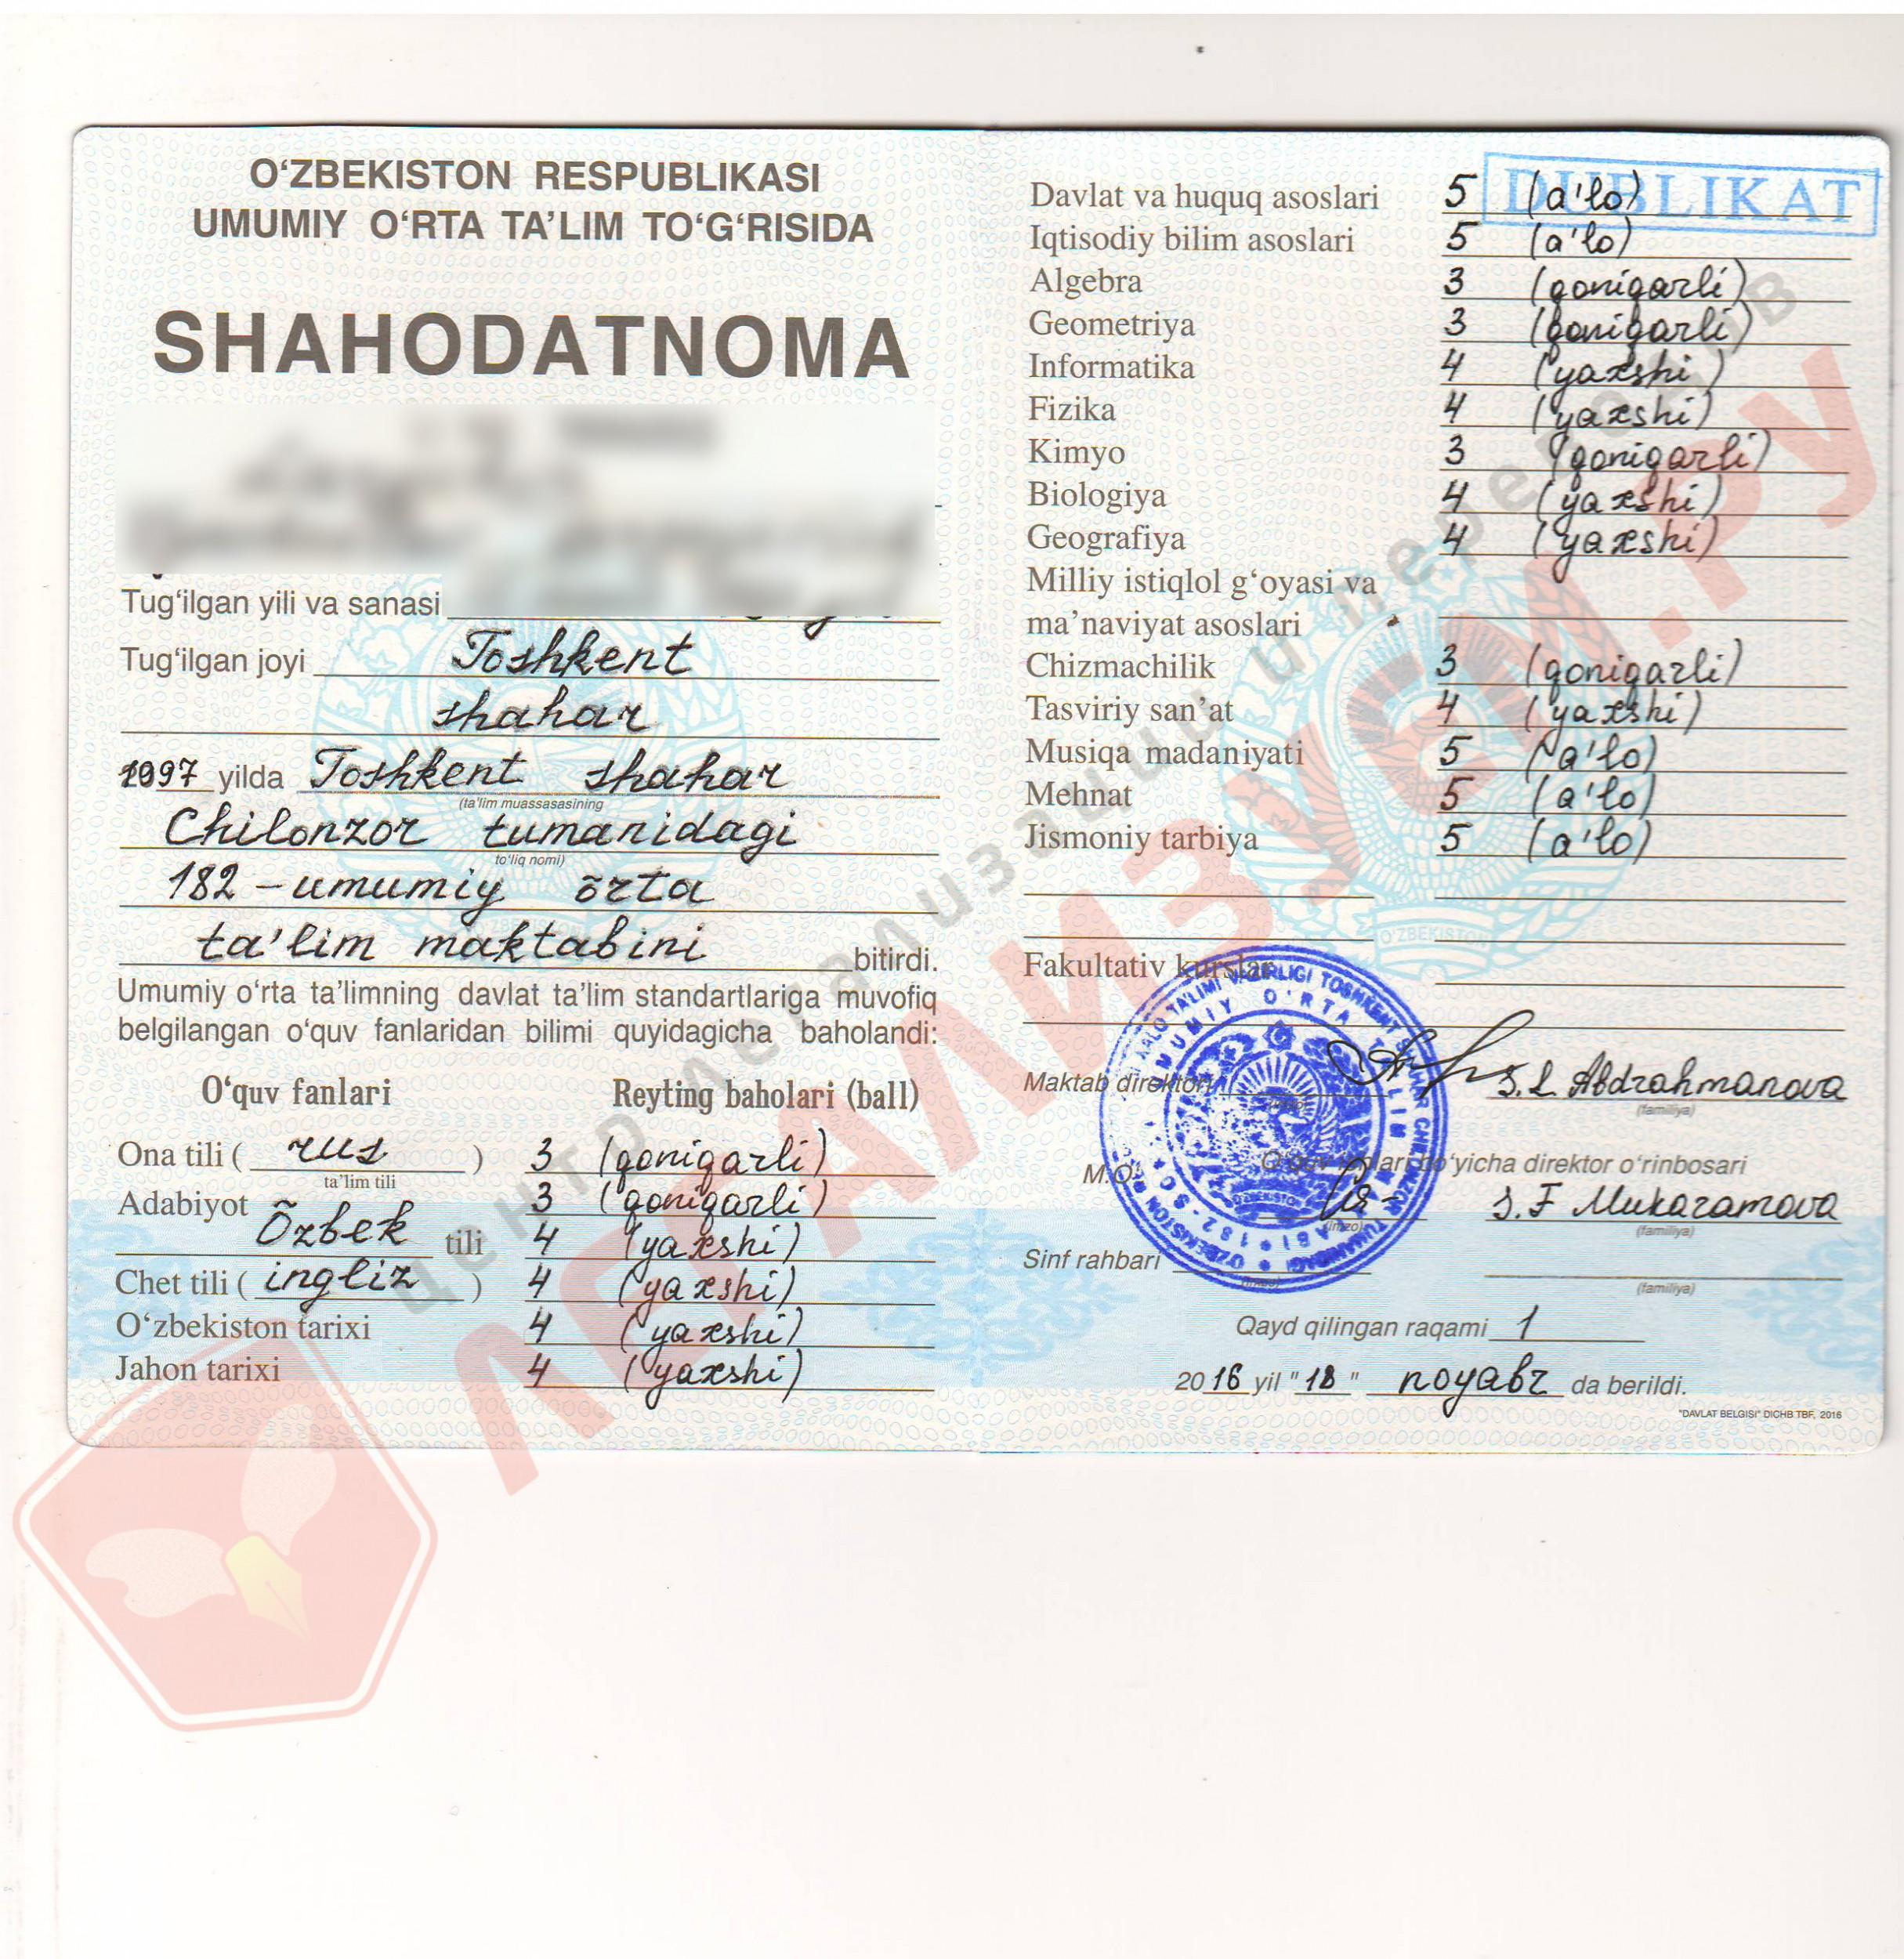 Получение дубликата образовательных документов в Узбекистане  объявление в газету об утере аттестата диплома Аттестат в Узбекистане